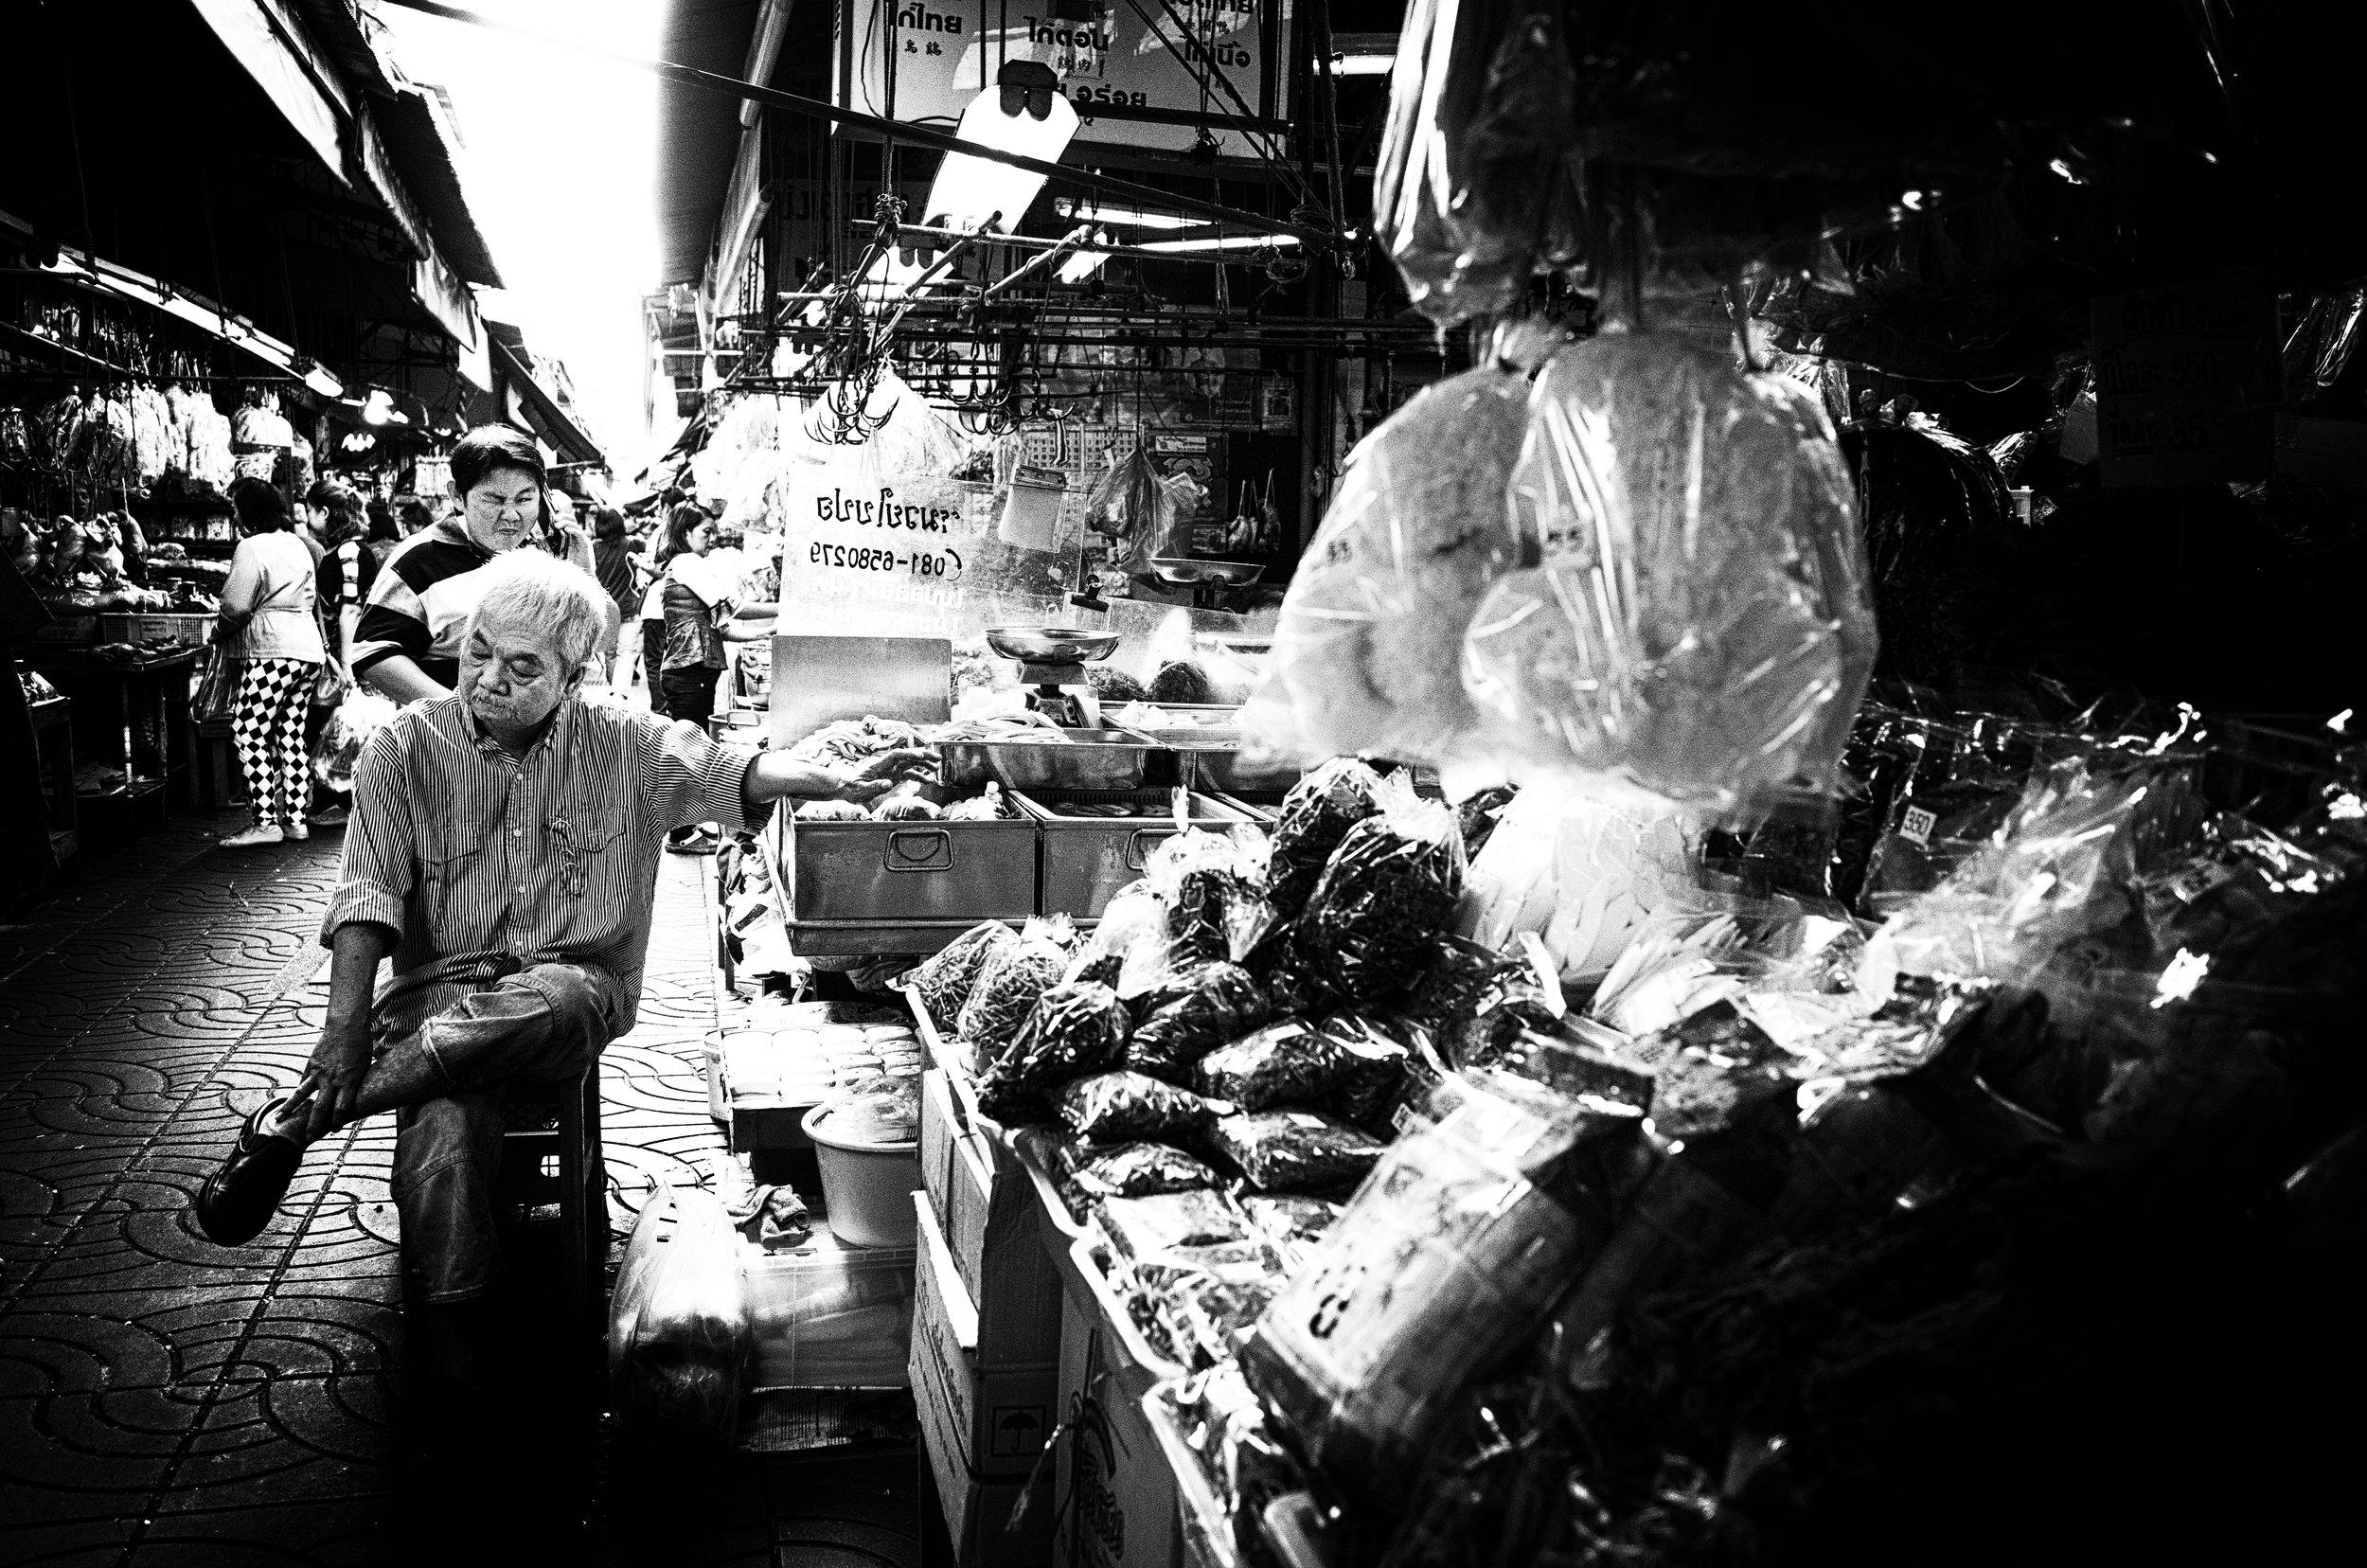 Photo by Hean Kuan Omg